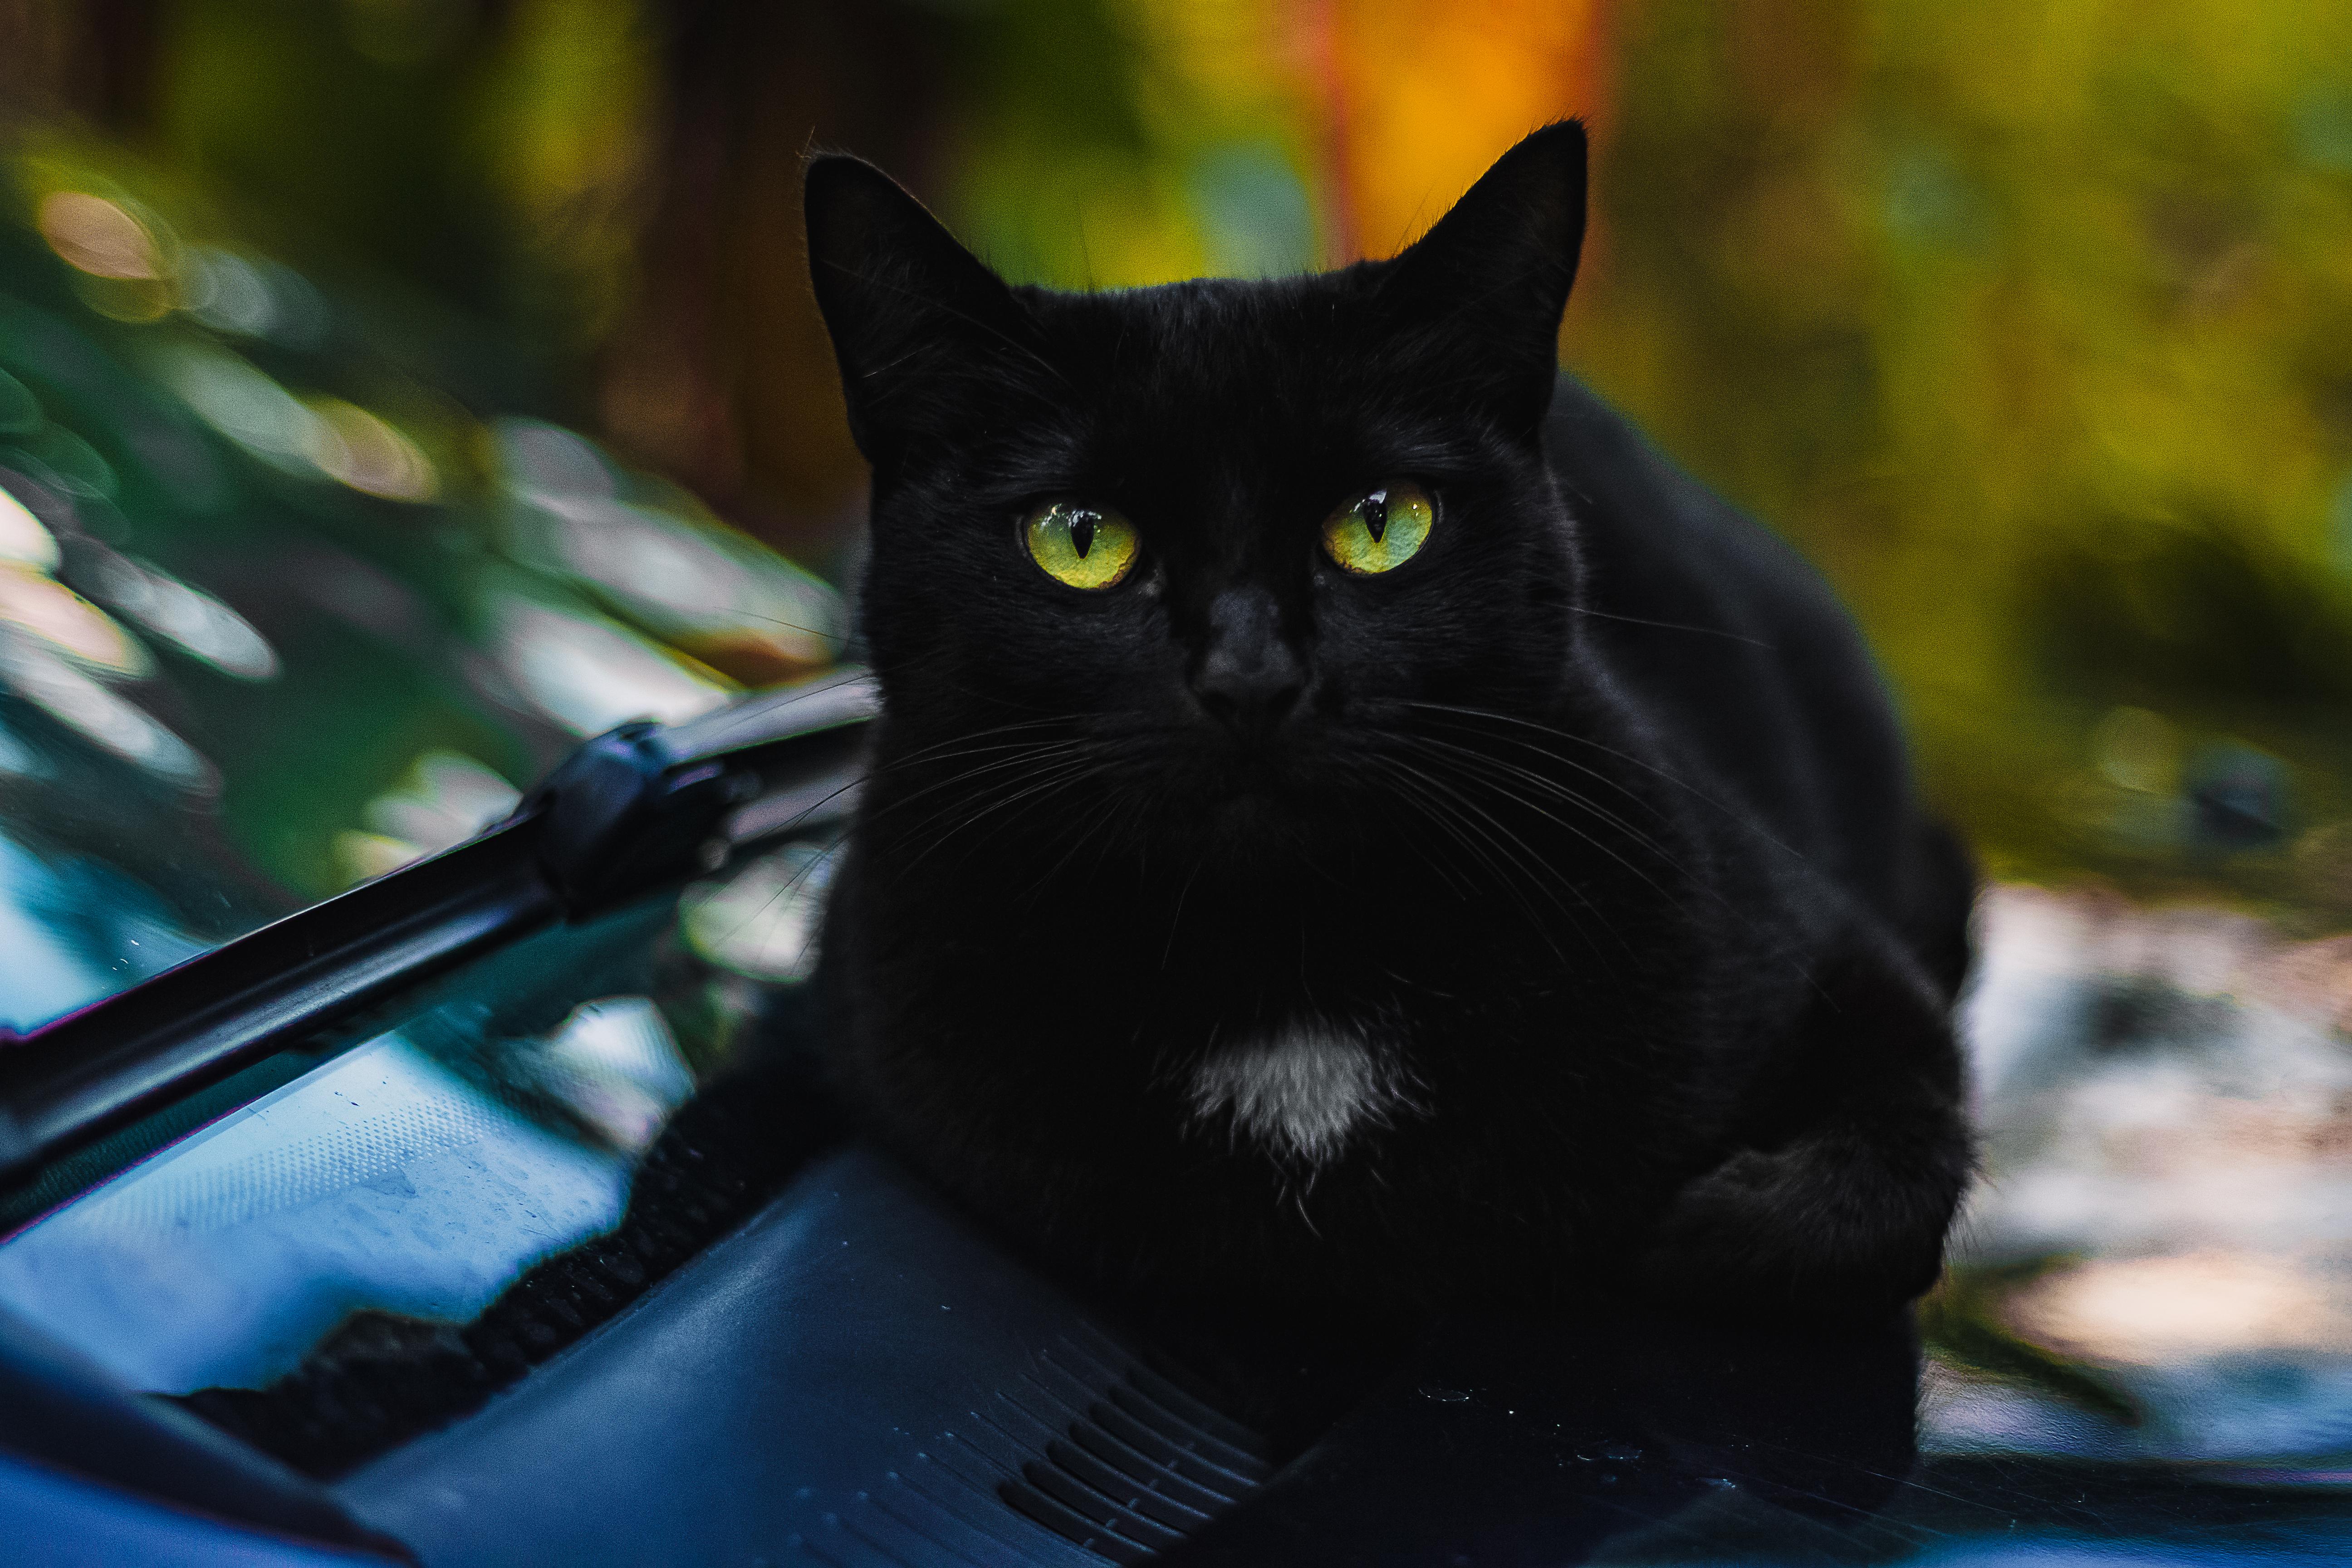 KočkaNosDomácí Zvíře · Kotě, Kočka, Chlupatou Kočičku, Fajn.